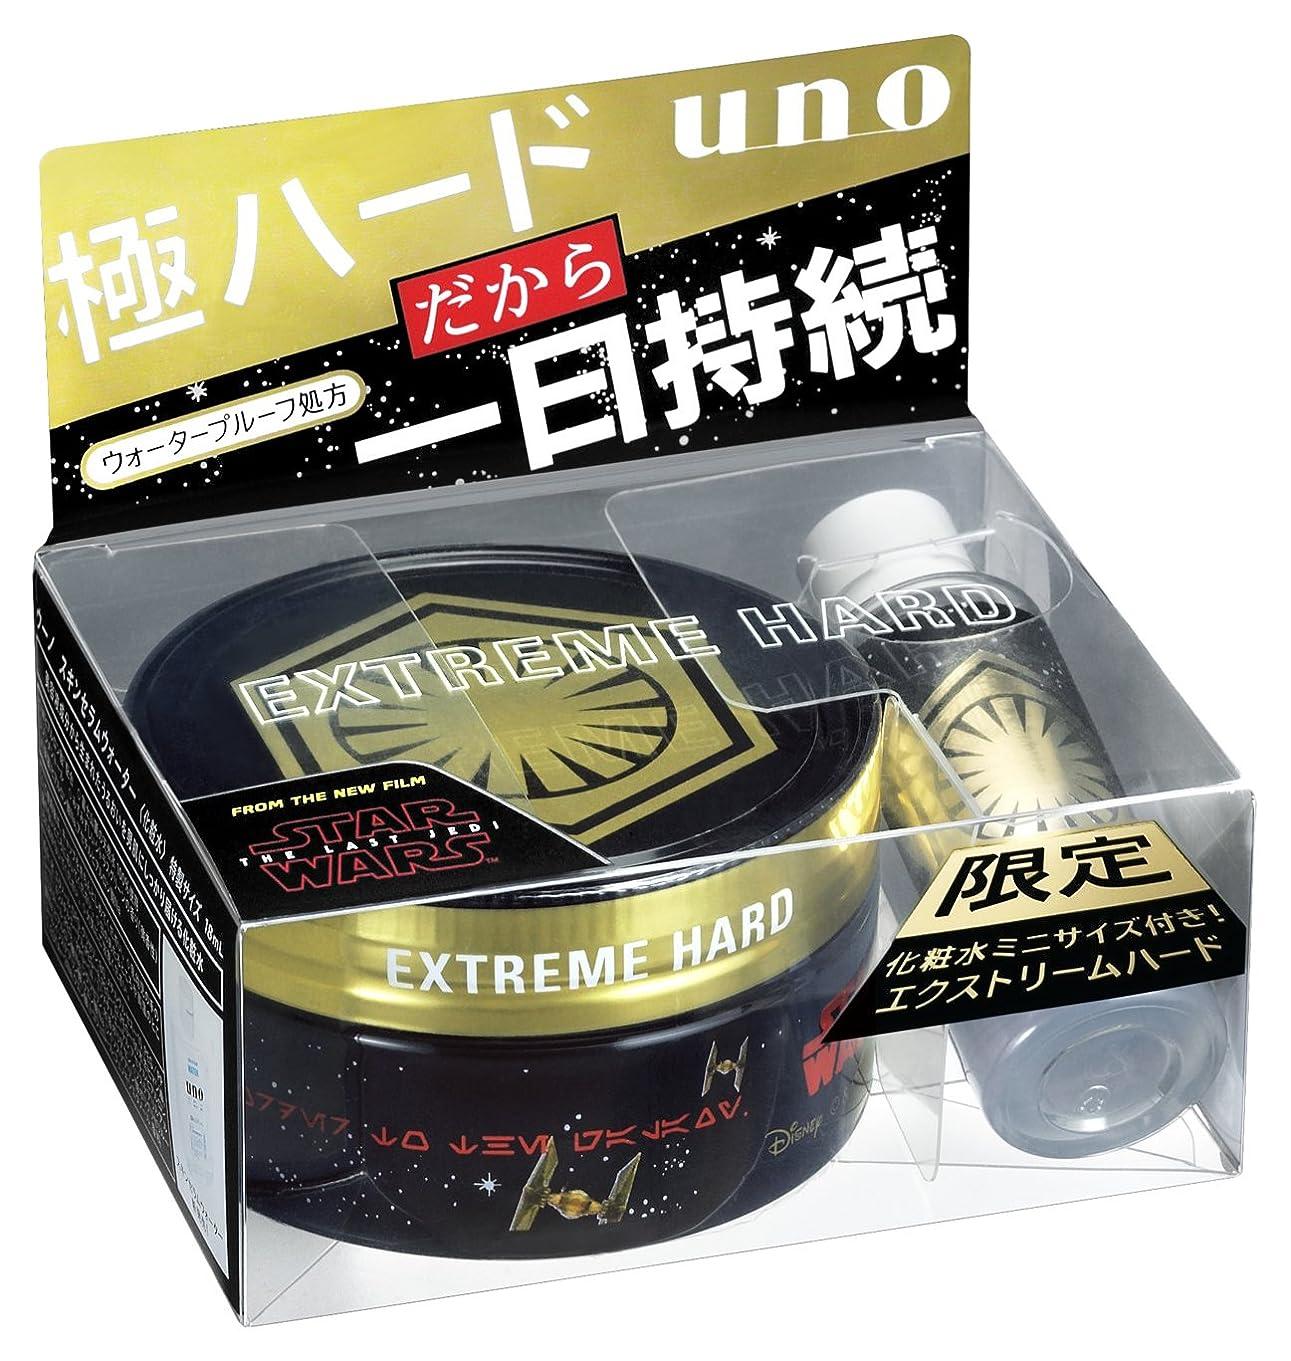 早い濃度継続中uno(ウーノ) ウーノ エクストリームハード ワックス 80g スキンセラムウォーターミニボトル付(スターウォーズEp8)